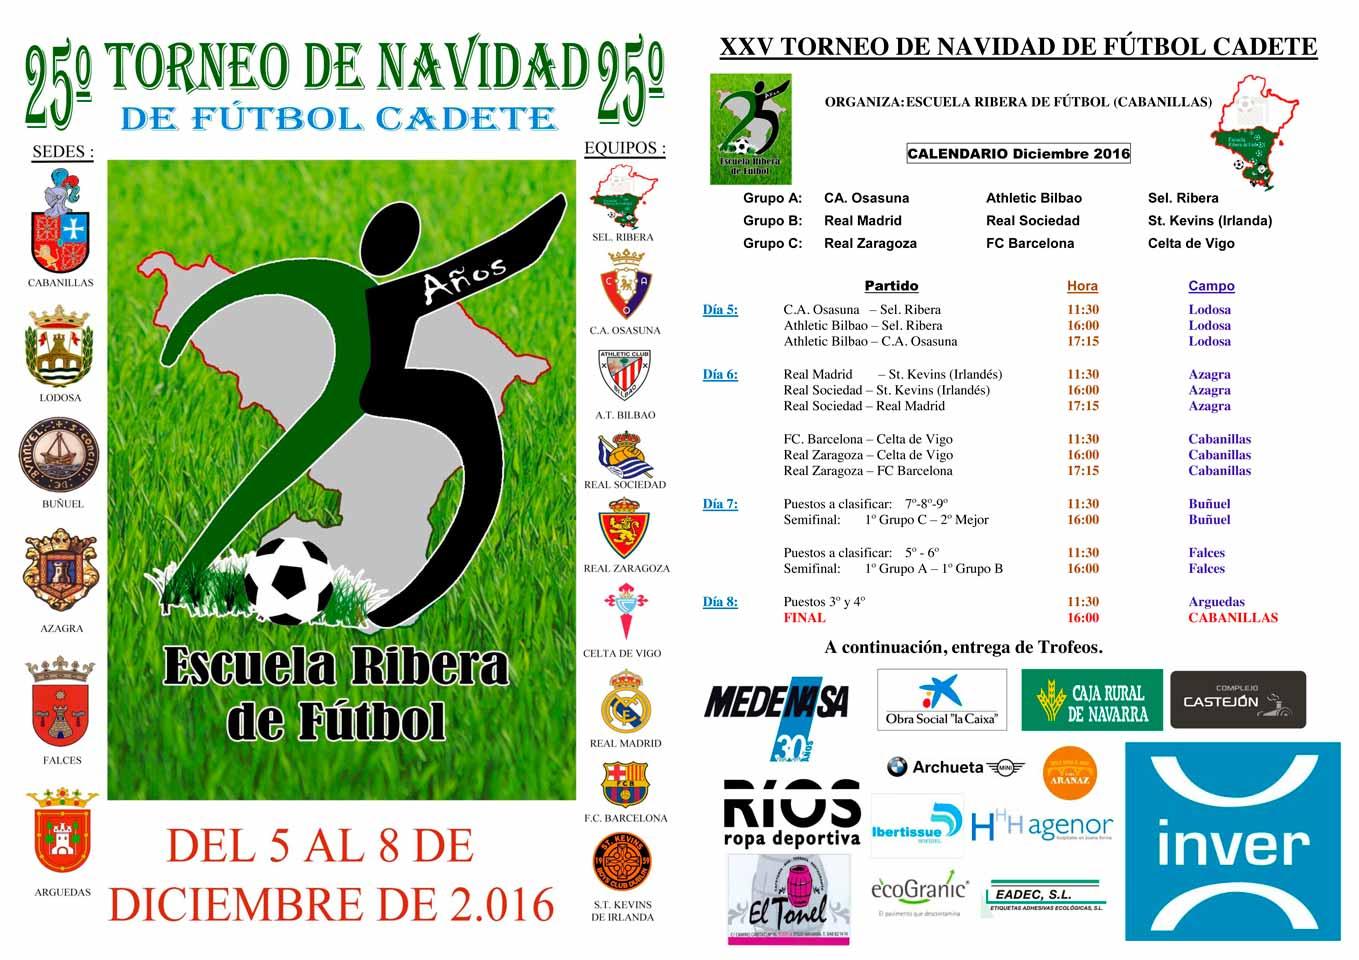 25-torneo-de-navidad-de-futbol-cadete